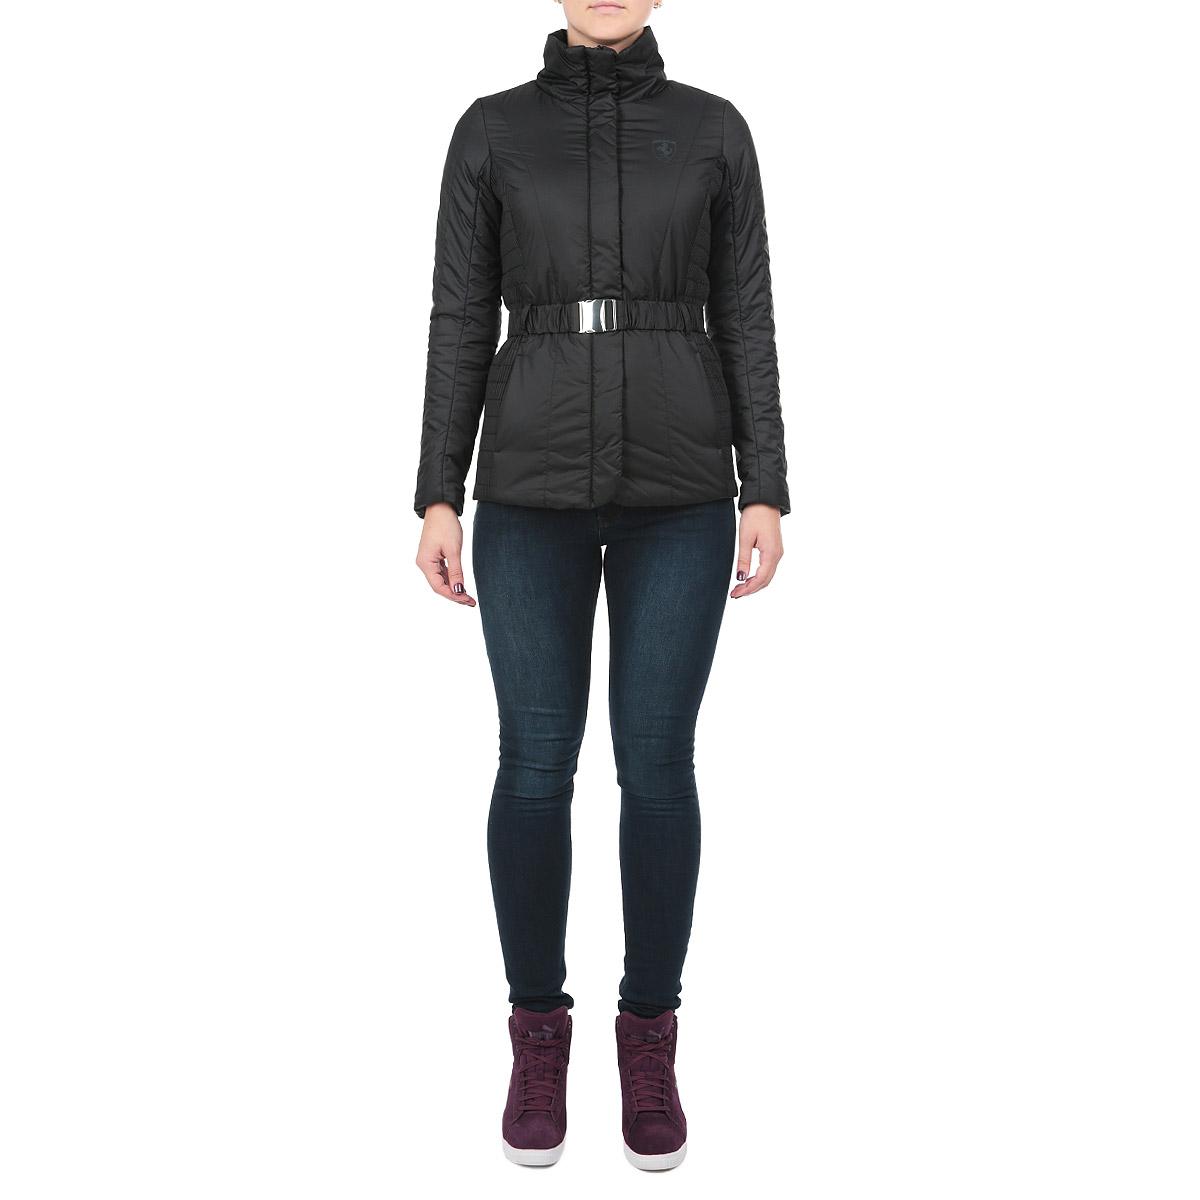 Куртка женская. 5693440156934401Оригинальная женская куртка Puma, выполненная из полиэстера, идеально подойдет тем, кто ценит стиль и практичность. Использование боковых стеганых узоров создает женственный силуэт, который выгодно подчеркивает фигуру. Модель застегивается на молнию контрастного цвета и на кнопки по всей длине изделия. Воротник-стойка и специальный клапан от продувания центральной молнии надежно защитят от прохладного ветра. Карманы, открытые, врезные, расположены в боковых швах. На талии имеются шлевки для ремня. В комплект входит пояс в тон куртке с металлической застежкой. Стильная куртка станет превосходным вариантом для вашего повседневного гардероба.